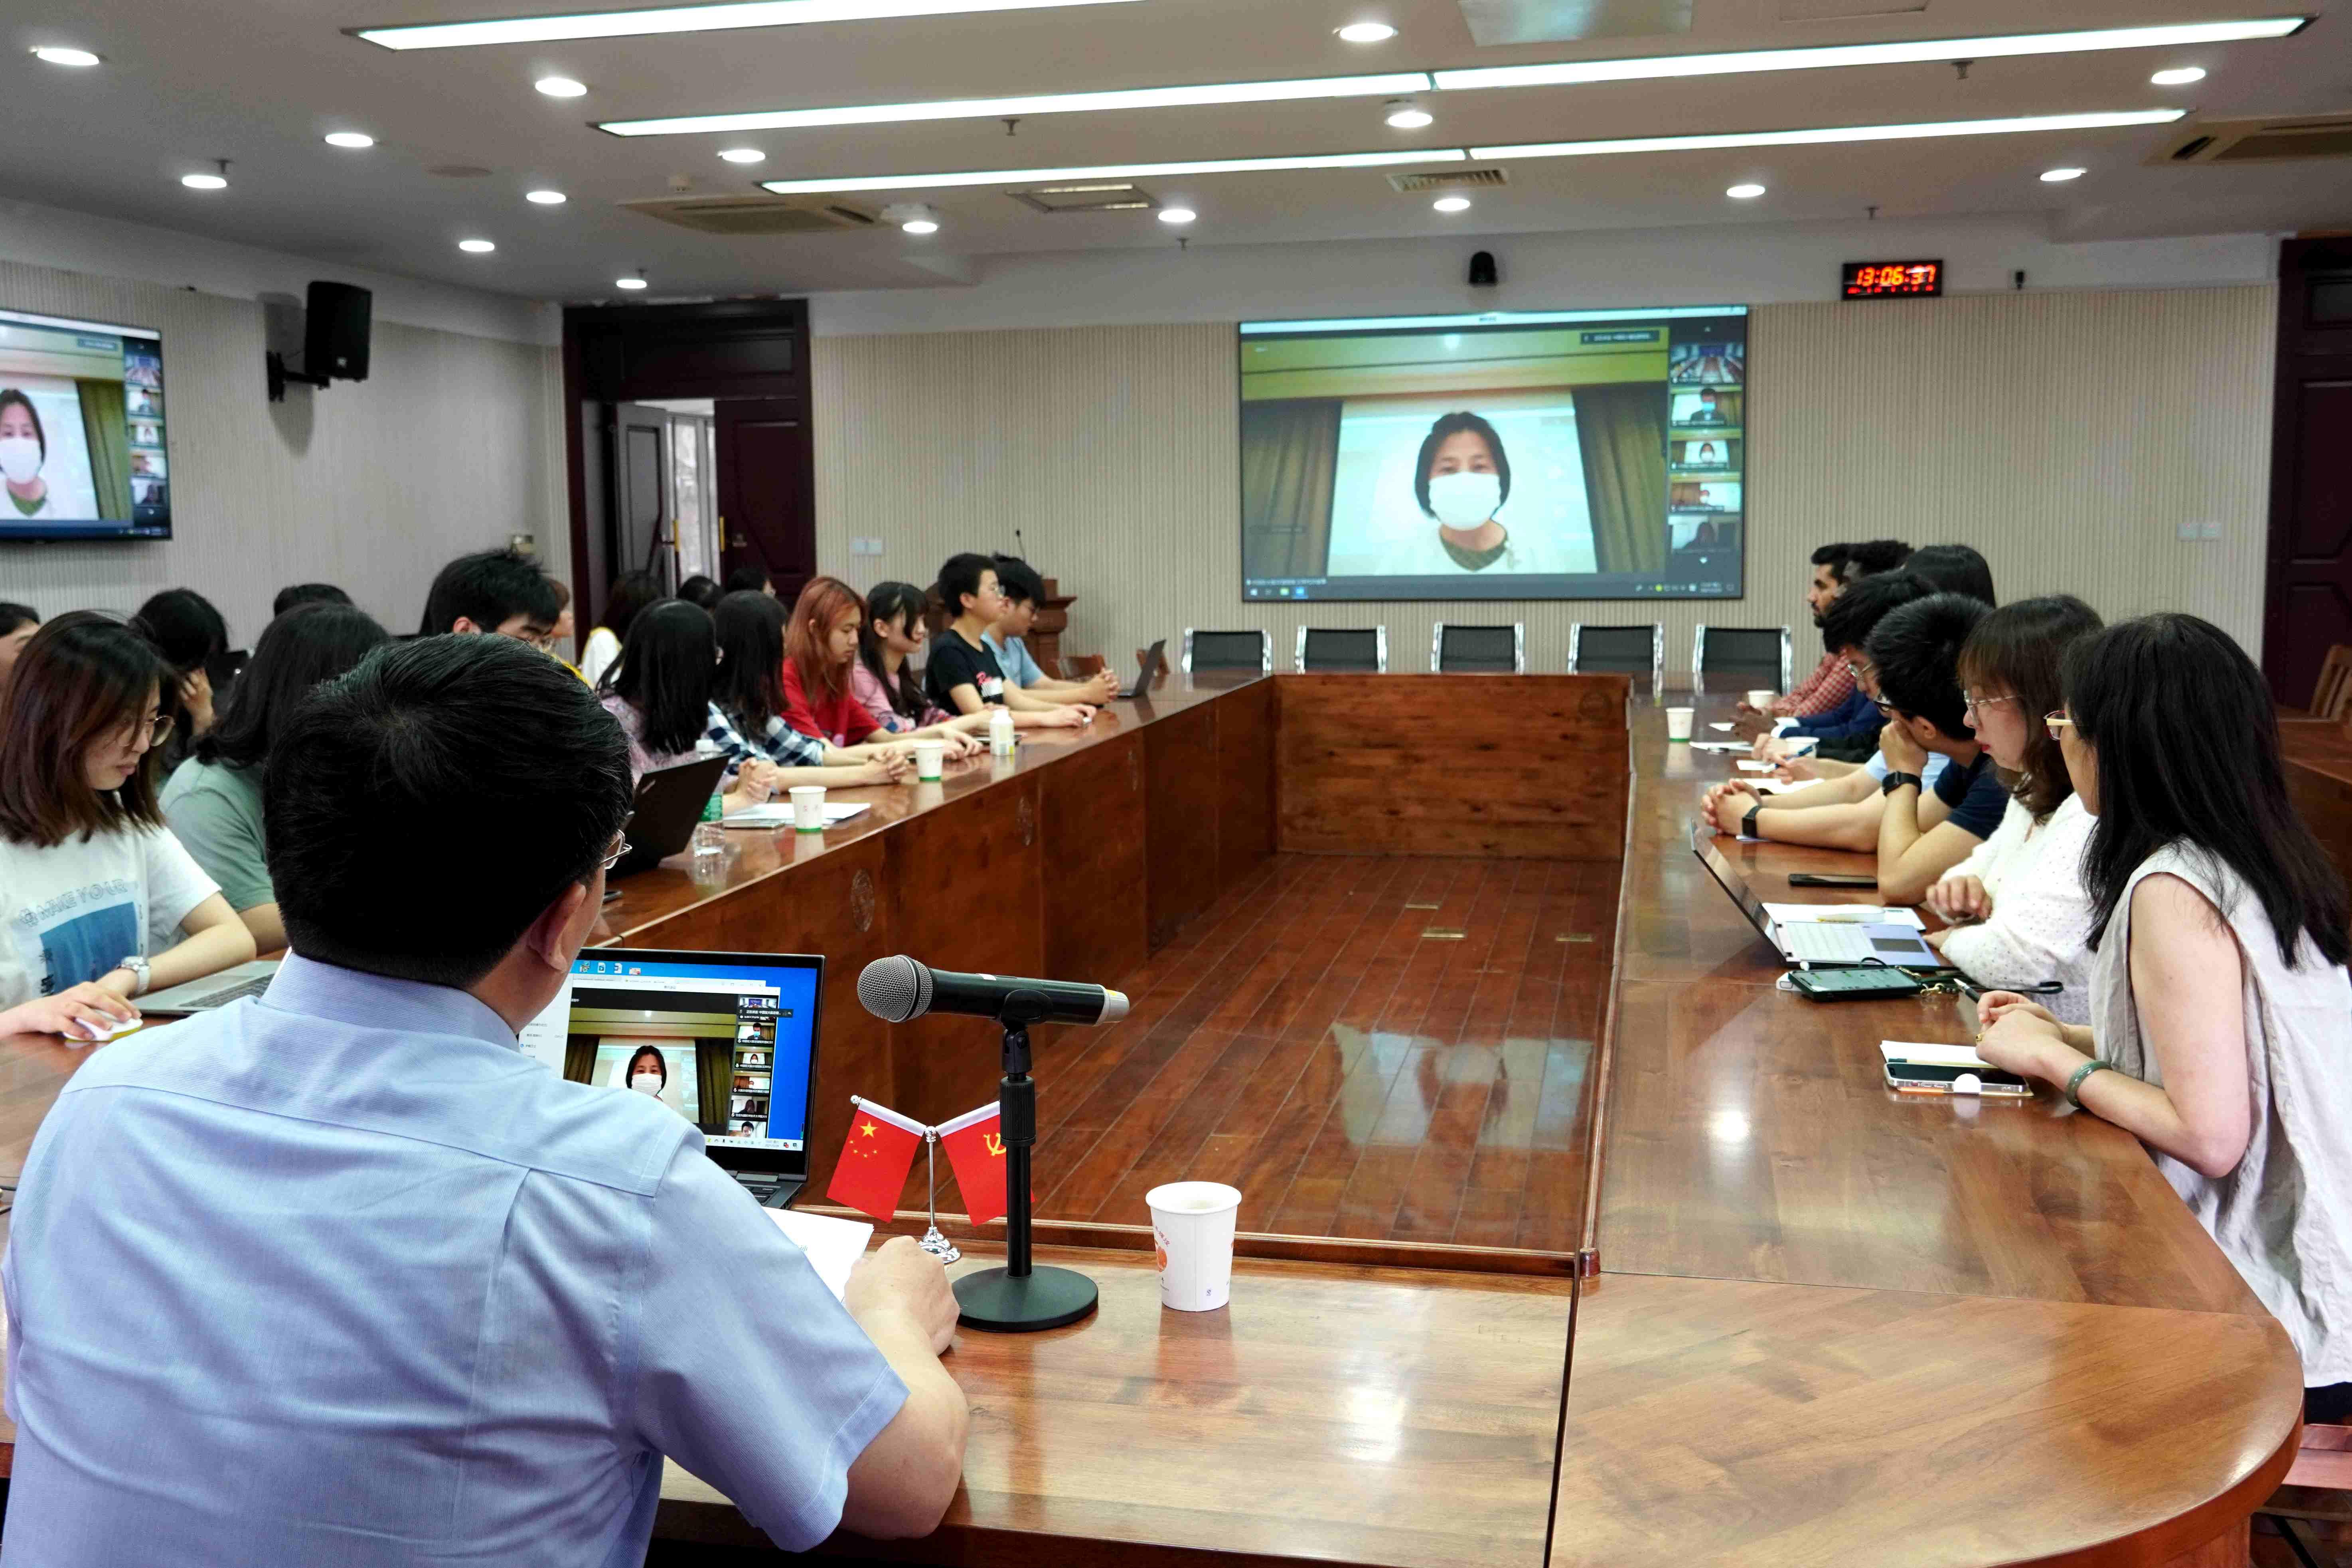 中国驻大阪总领事馆教育处与东南大学联合举办学习教育活动